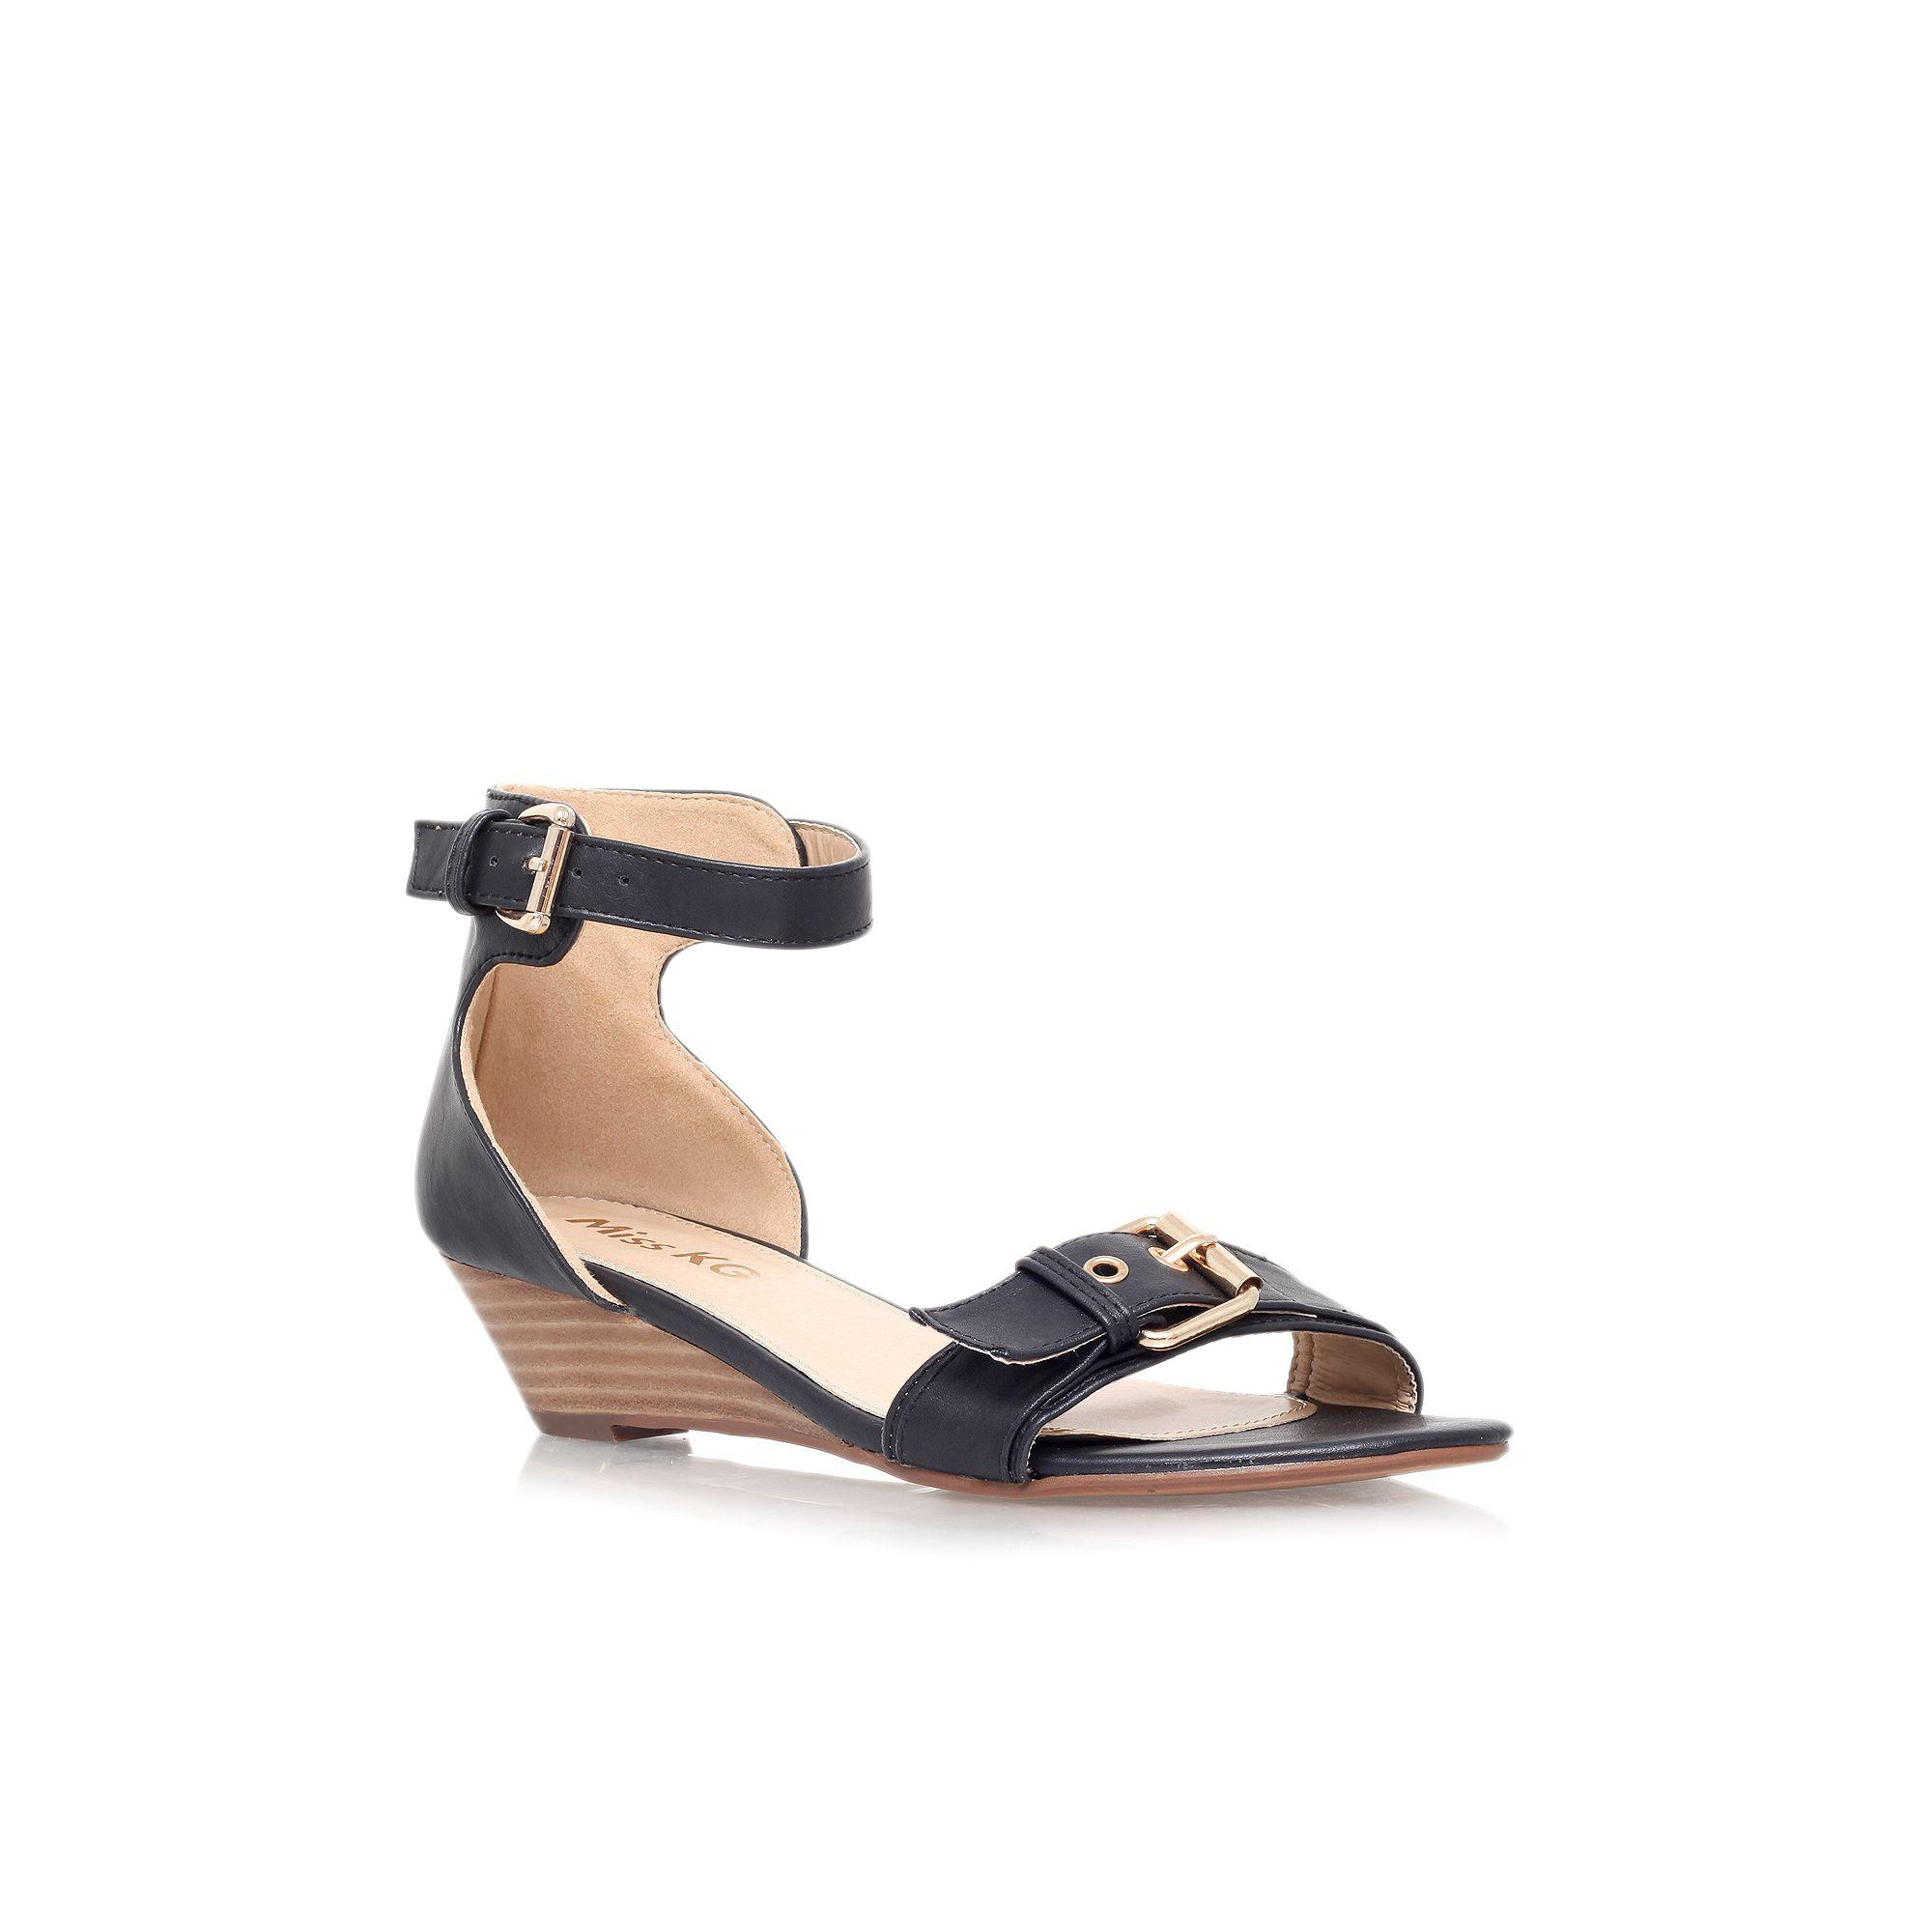 fe848021dfac Lyst - Miss Kg Black  leanne  Low Wedge Heel Strappy Sandal in Black